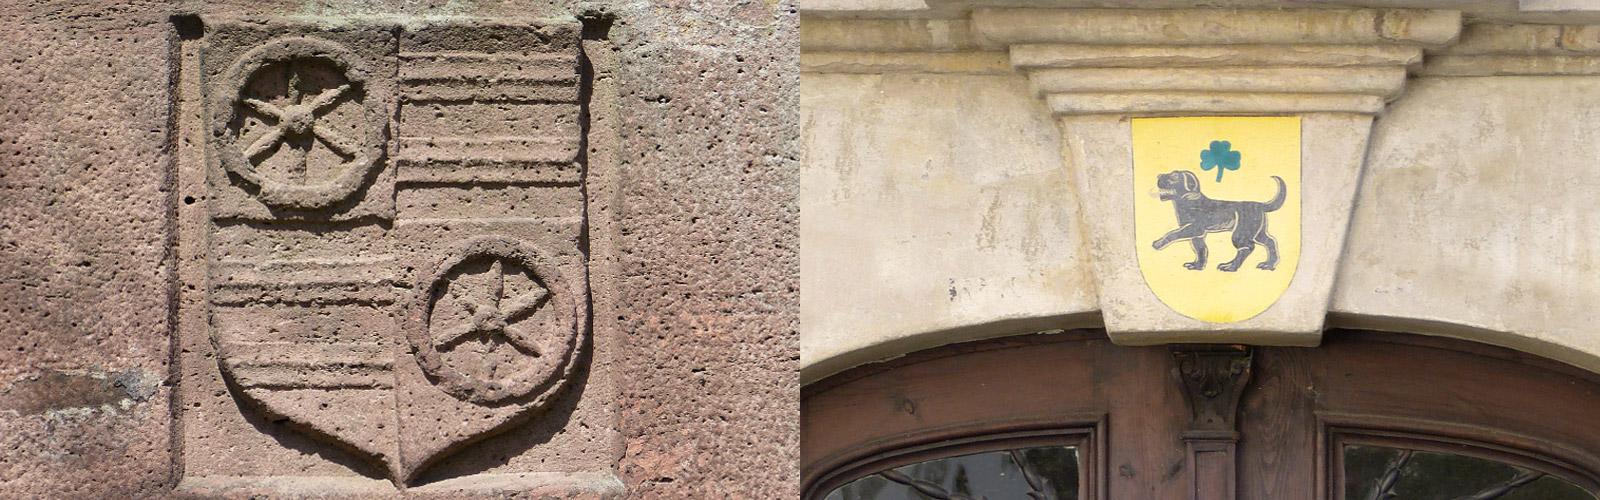 Gemeindewappen in Sandstein und auf Stein gemalt